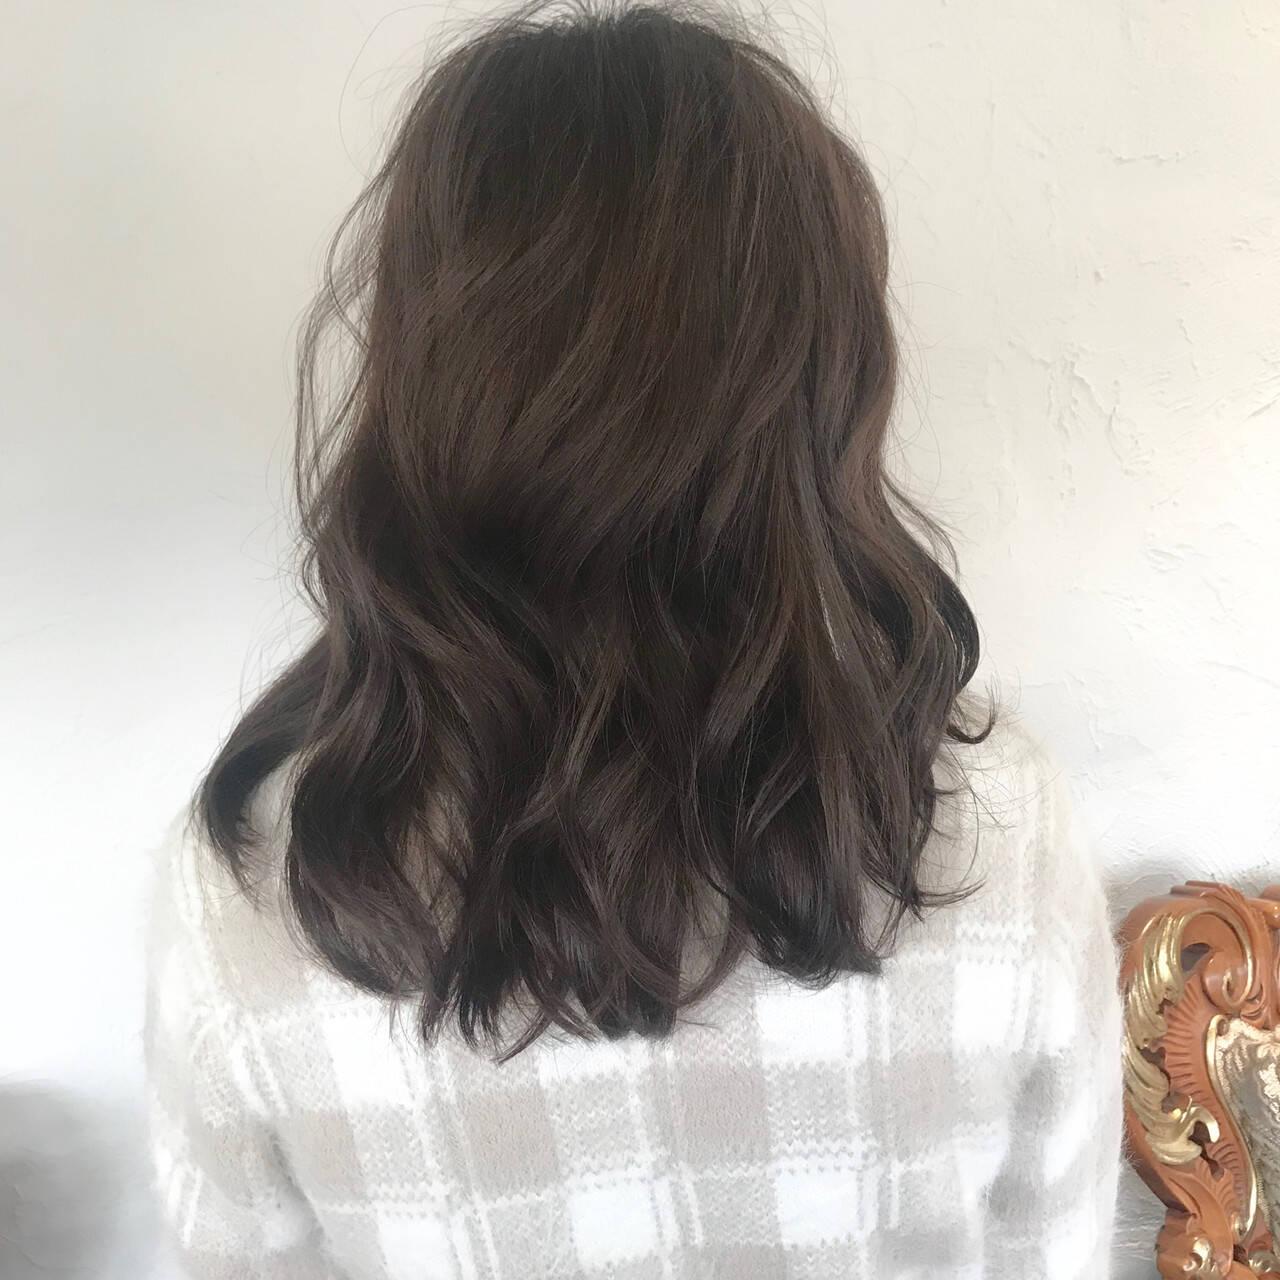 セミロング アンニュイほつれヘア ナチュラル 外国人風カラーヘアスタイルや髪型の写真・画像